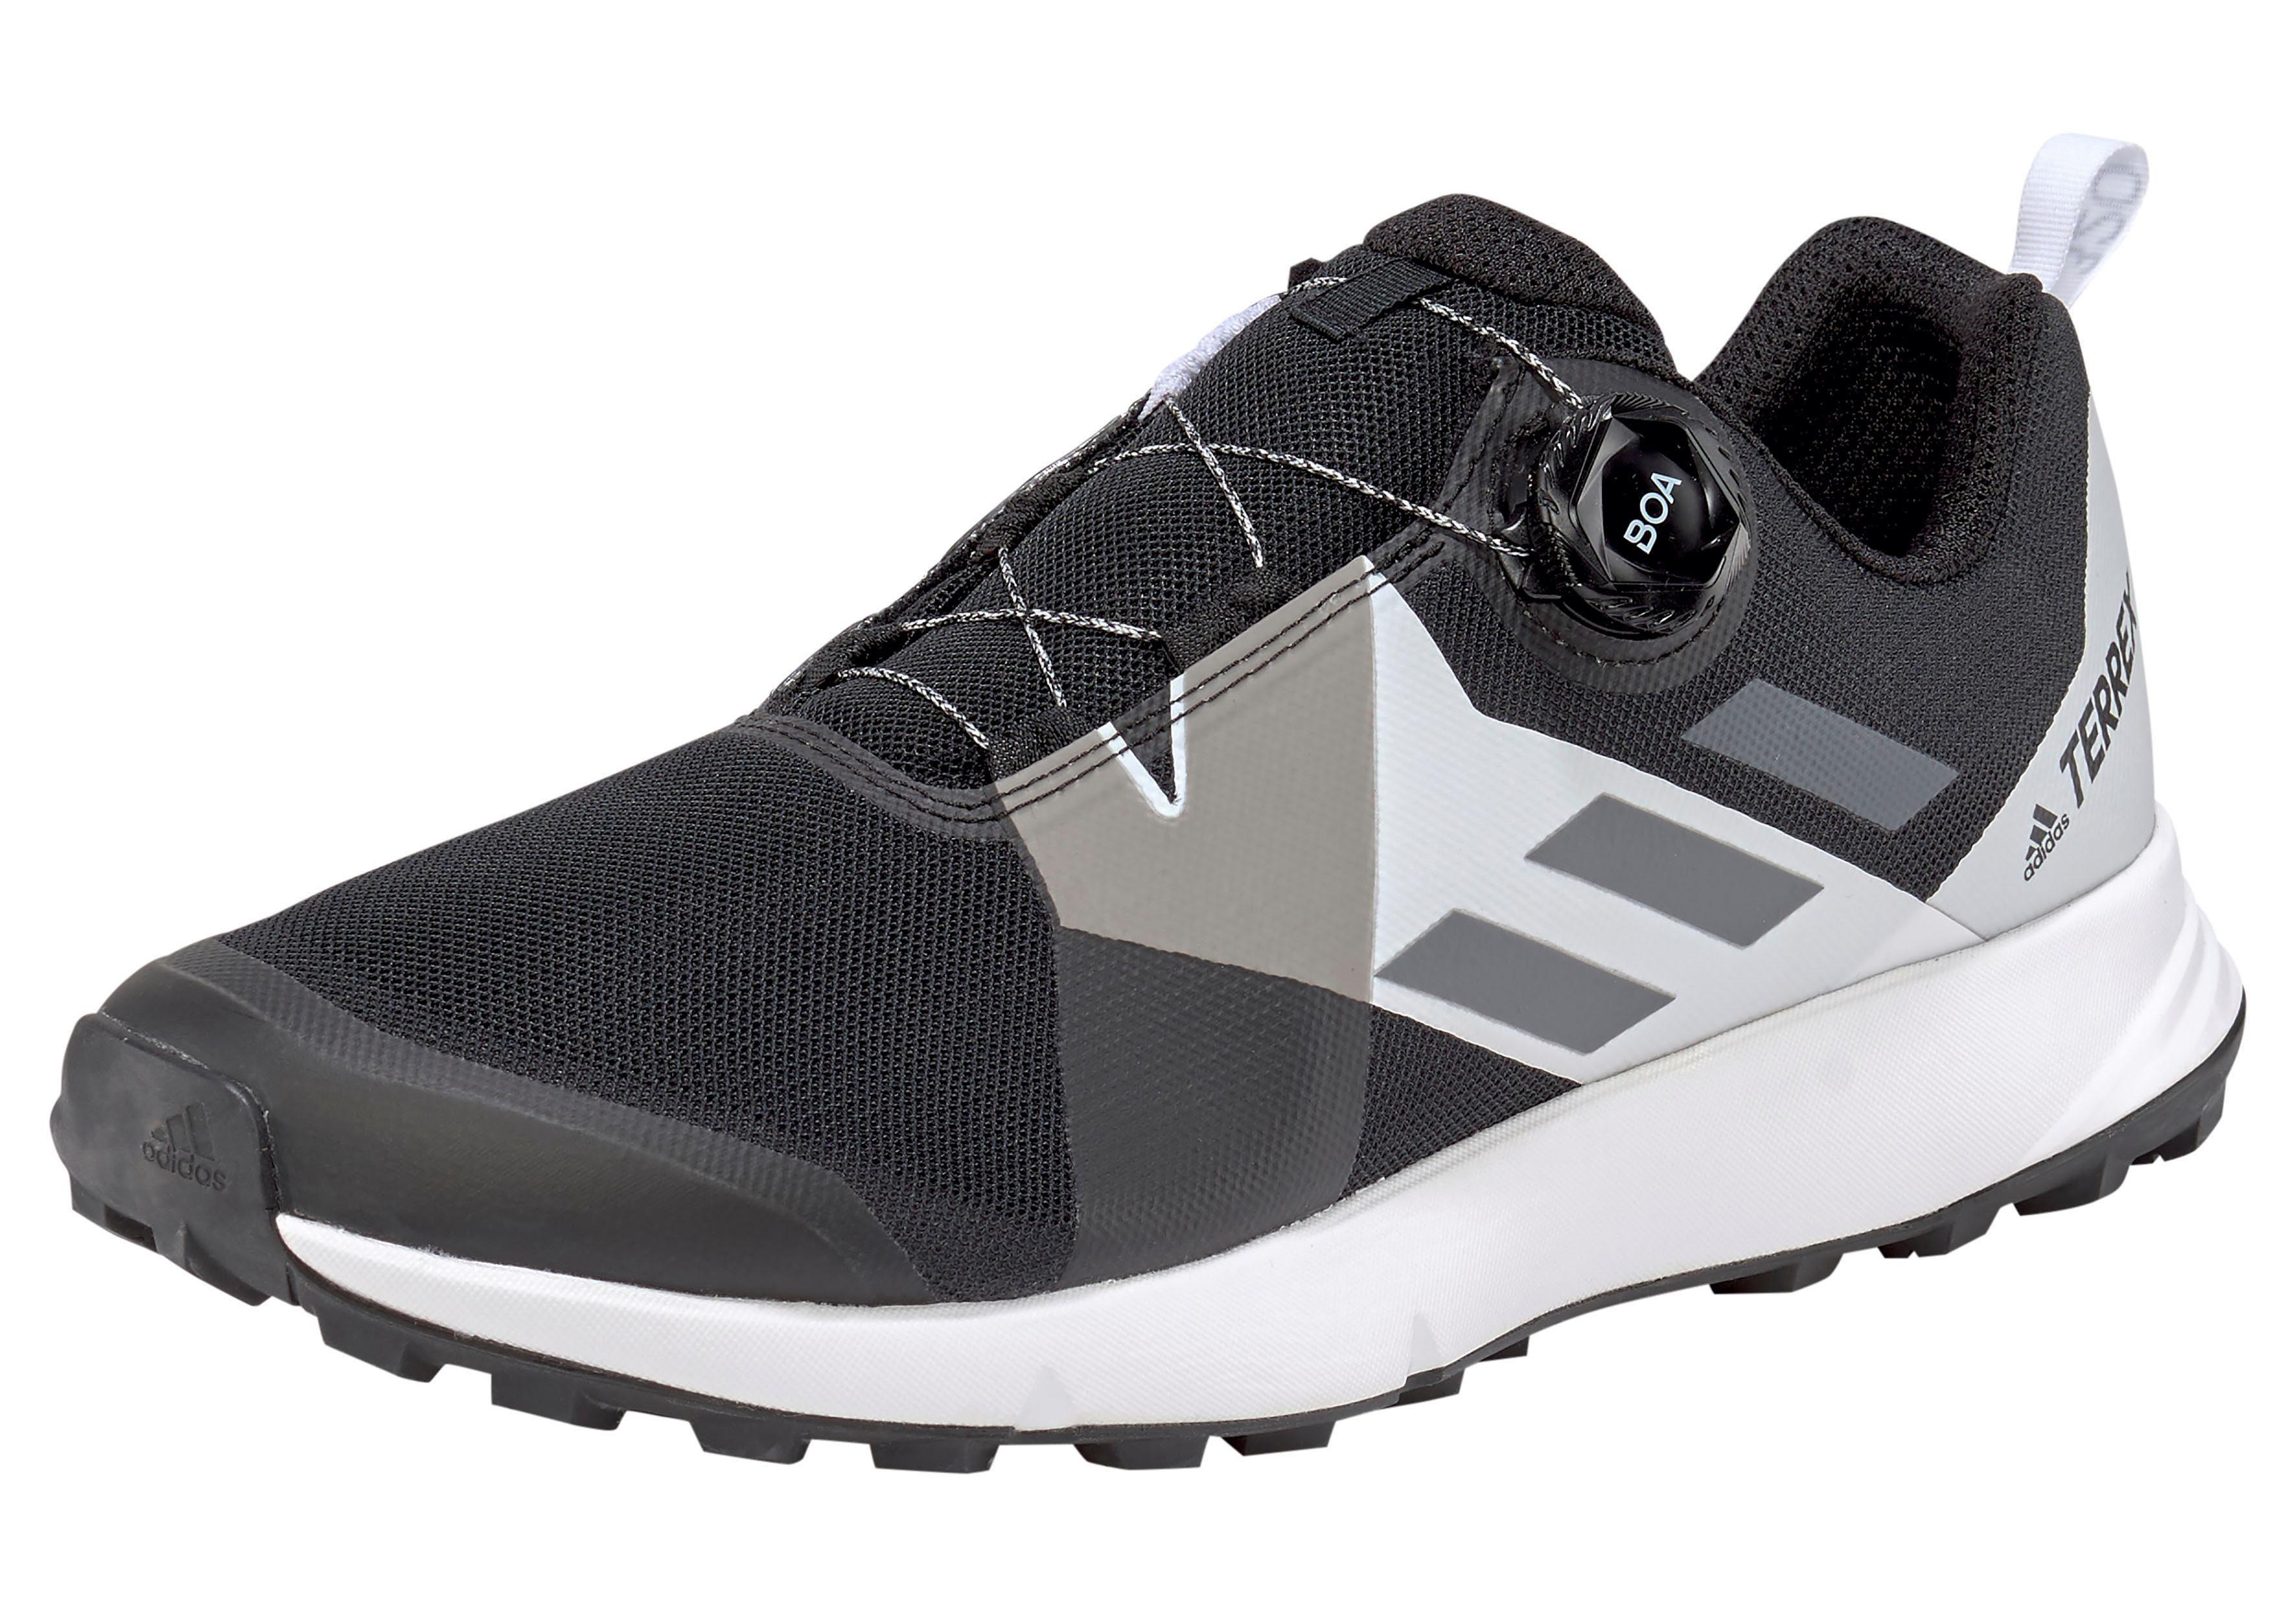 Adidas Terrex Two Boa ab 59,94 € | Preisvergleich bei